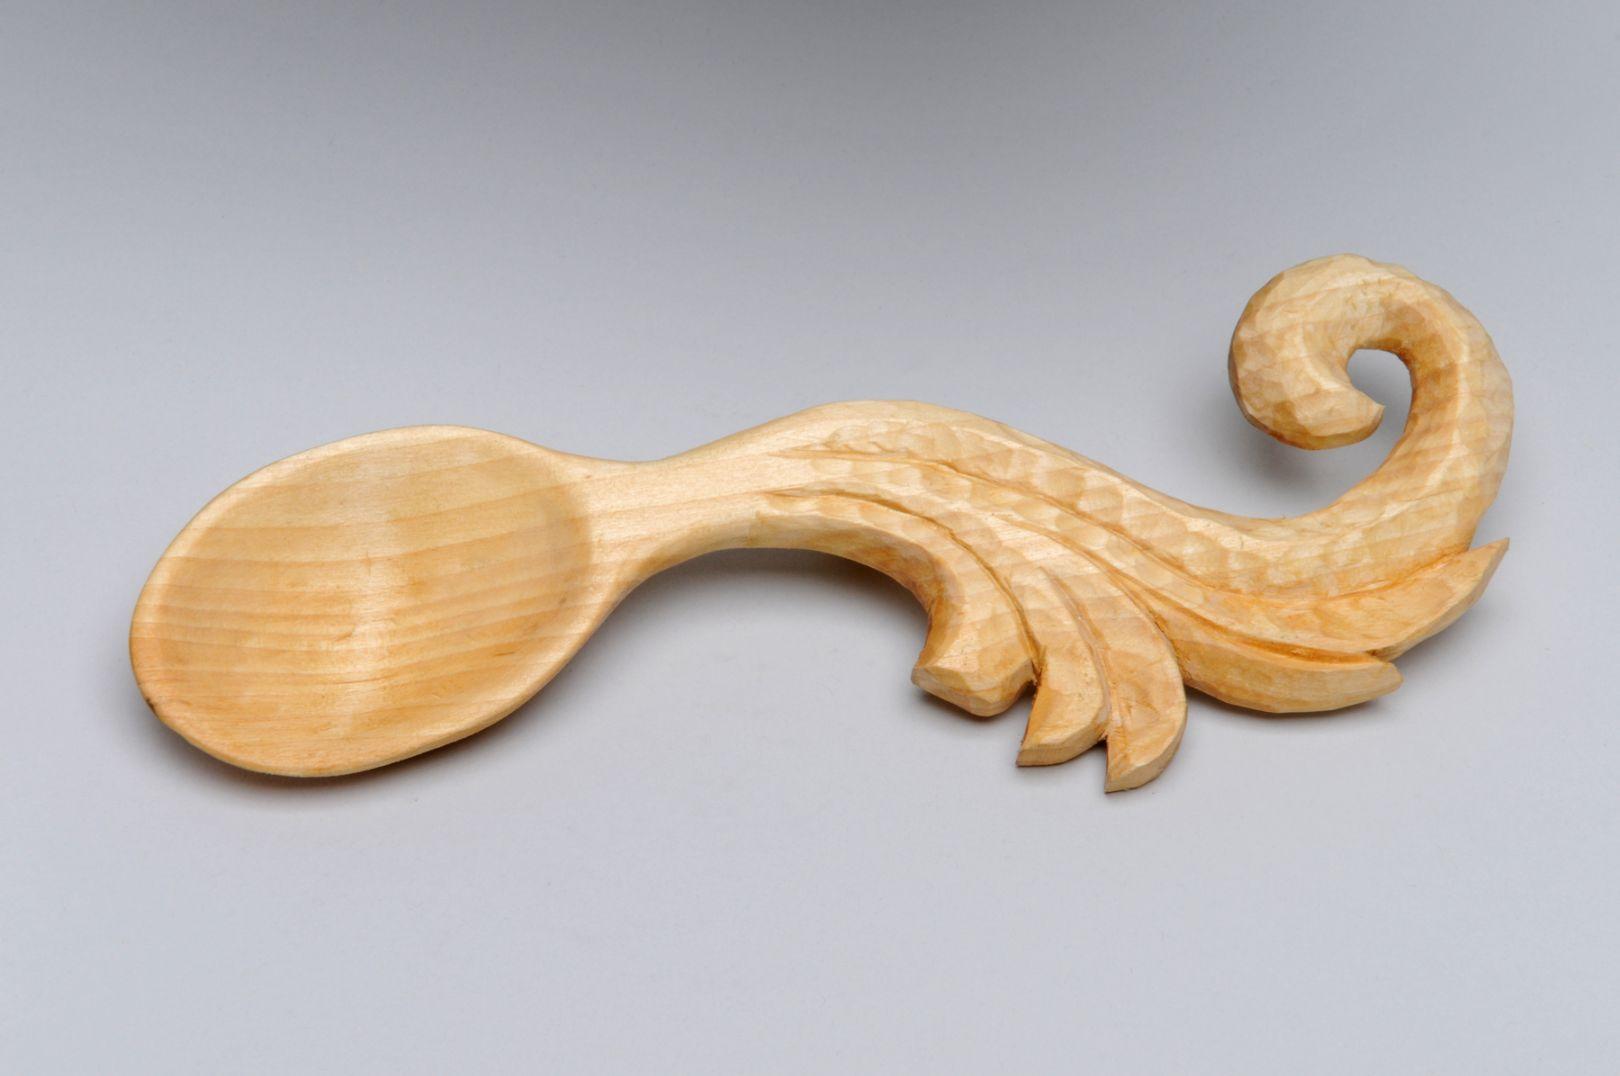 carved wood spoon